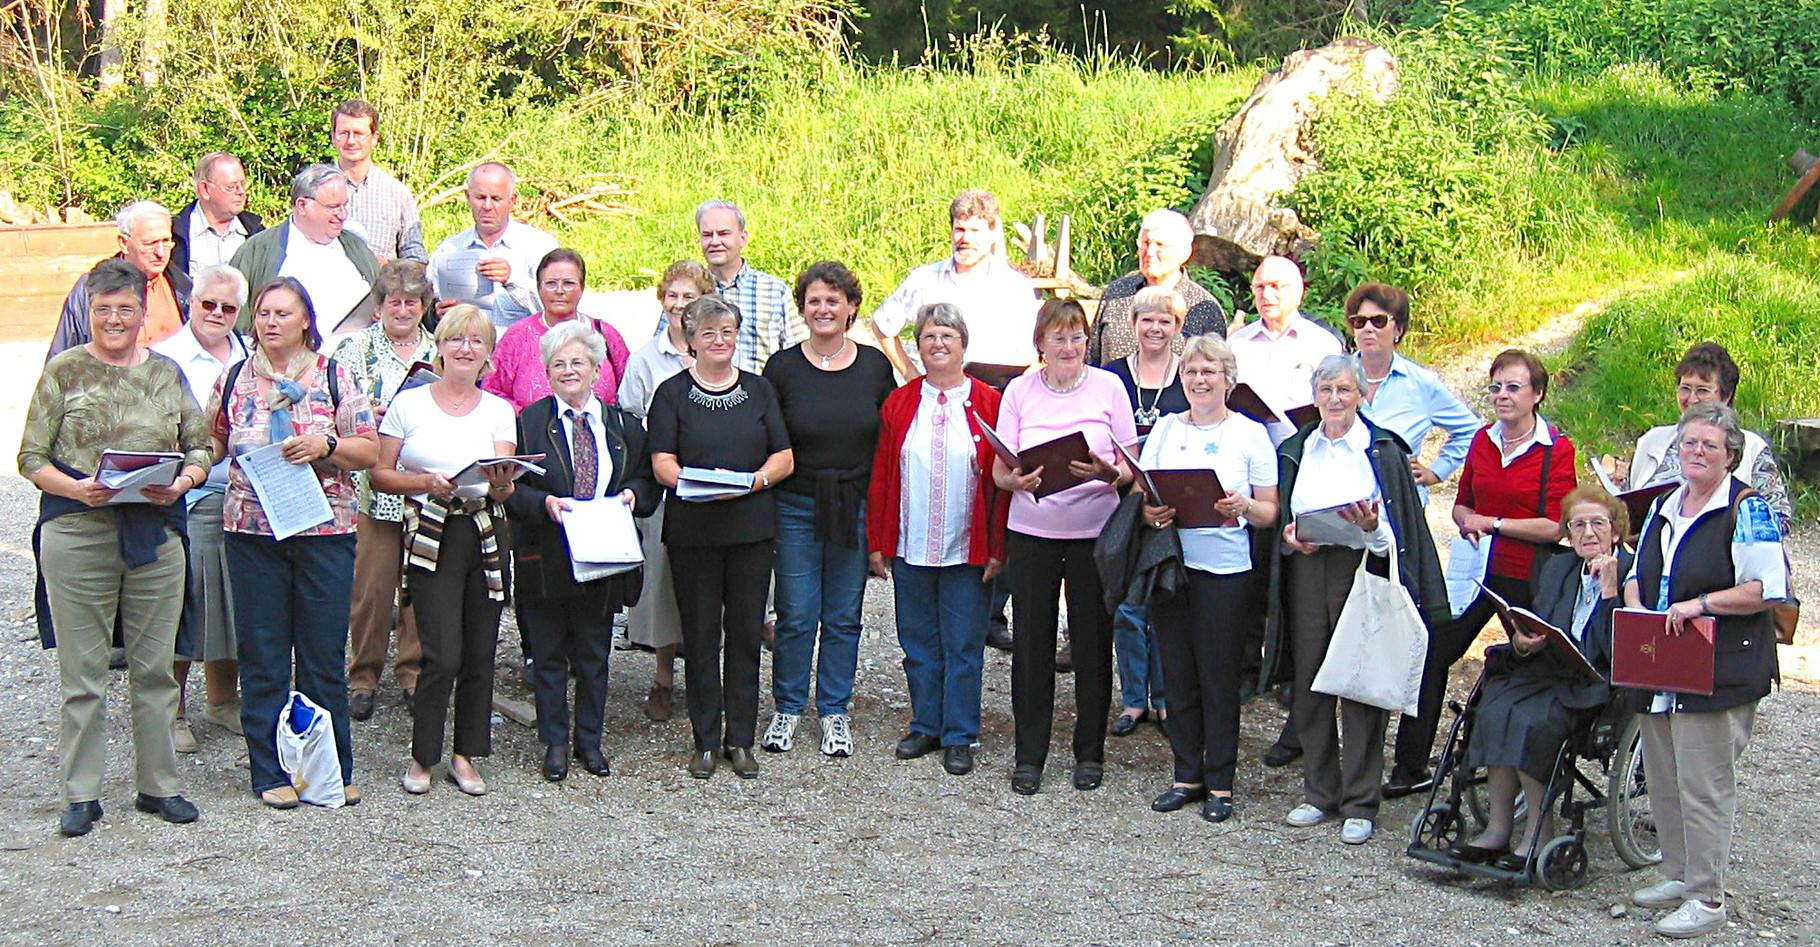 2005 - Beim Chorausflug nach Burghausen in der Waldbühne von Halsbach